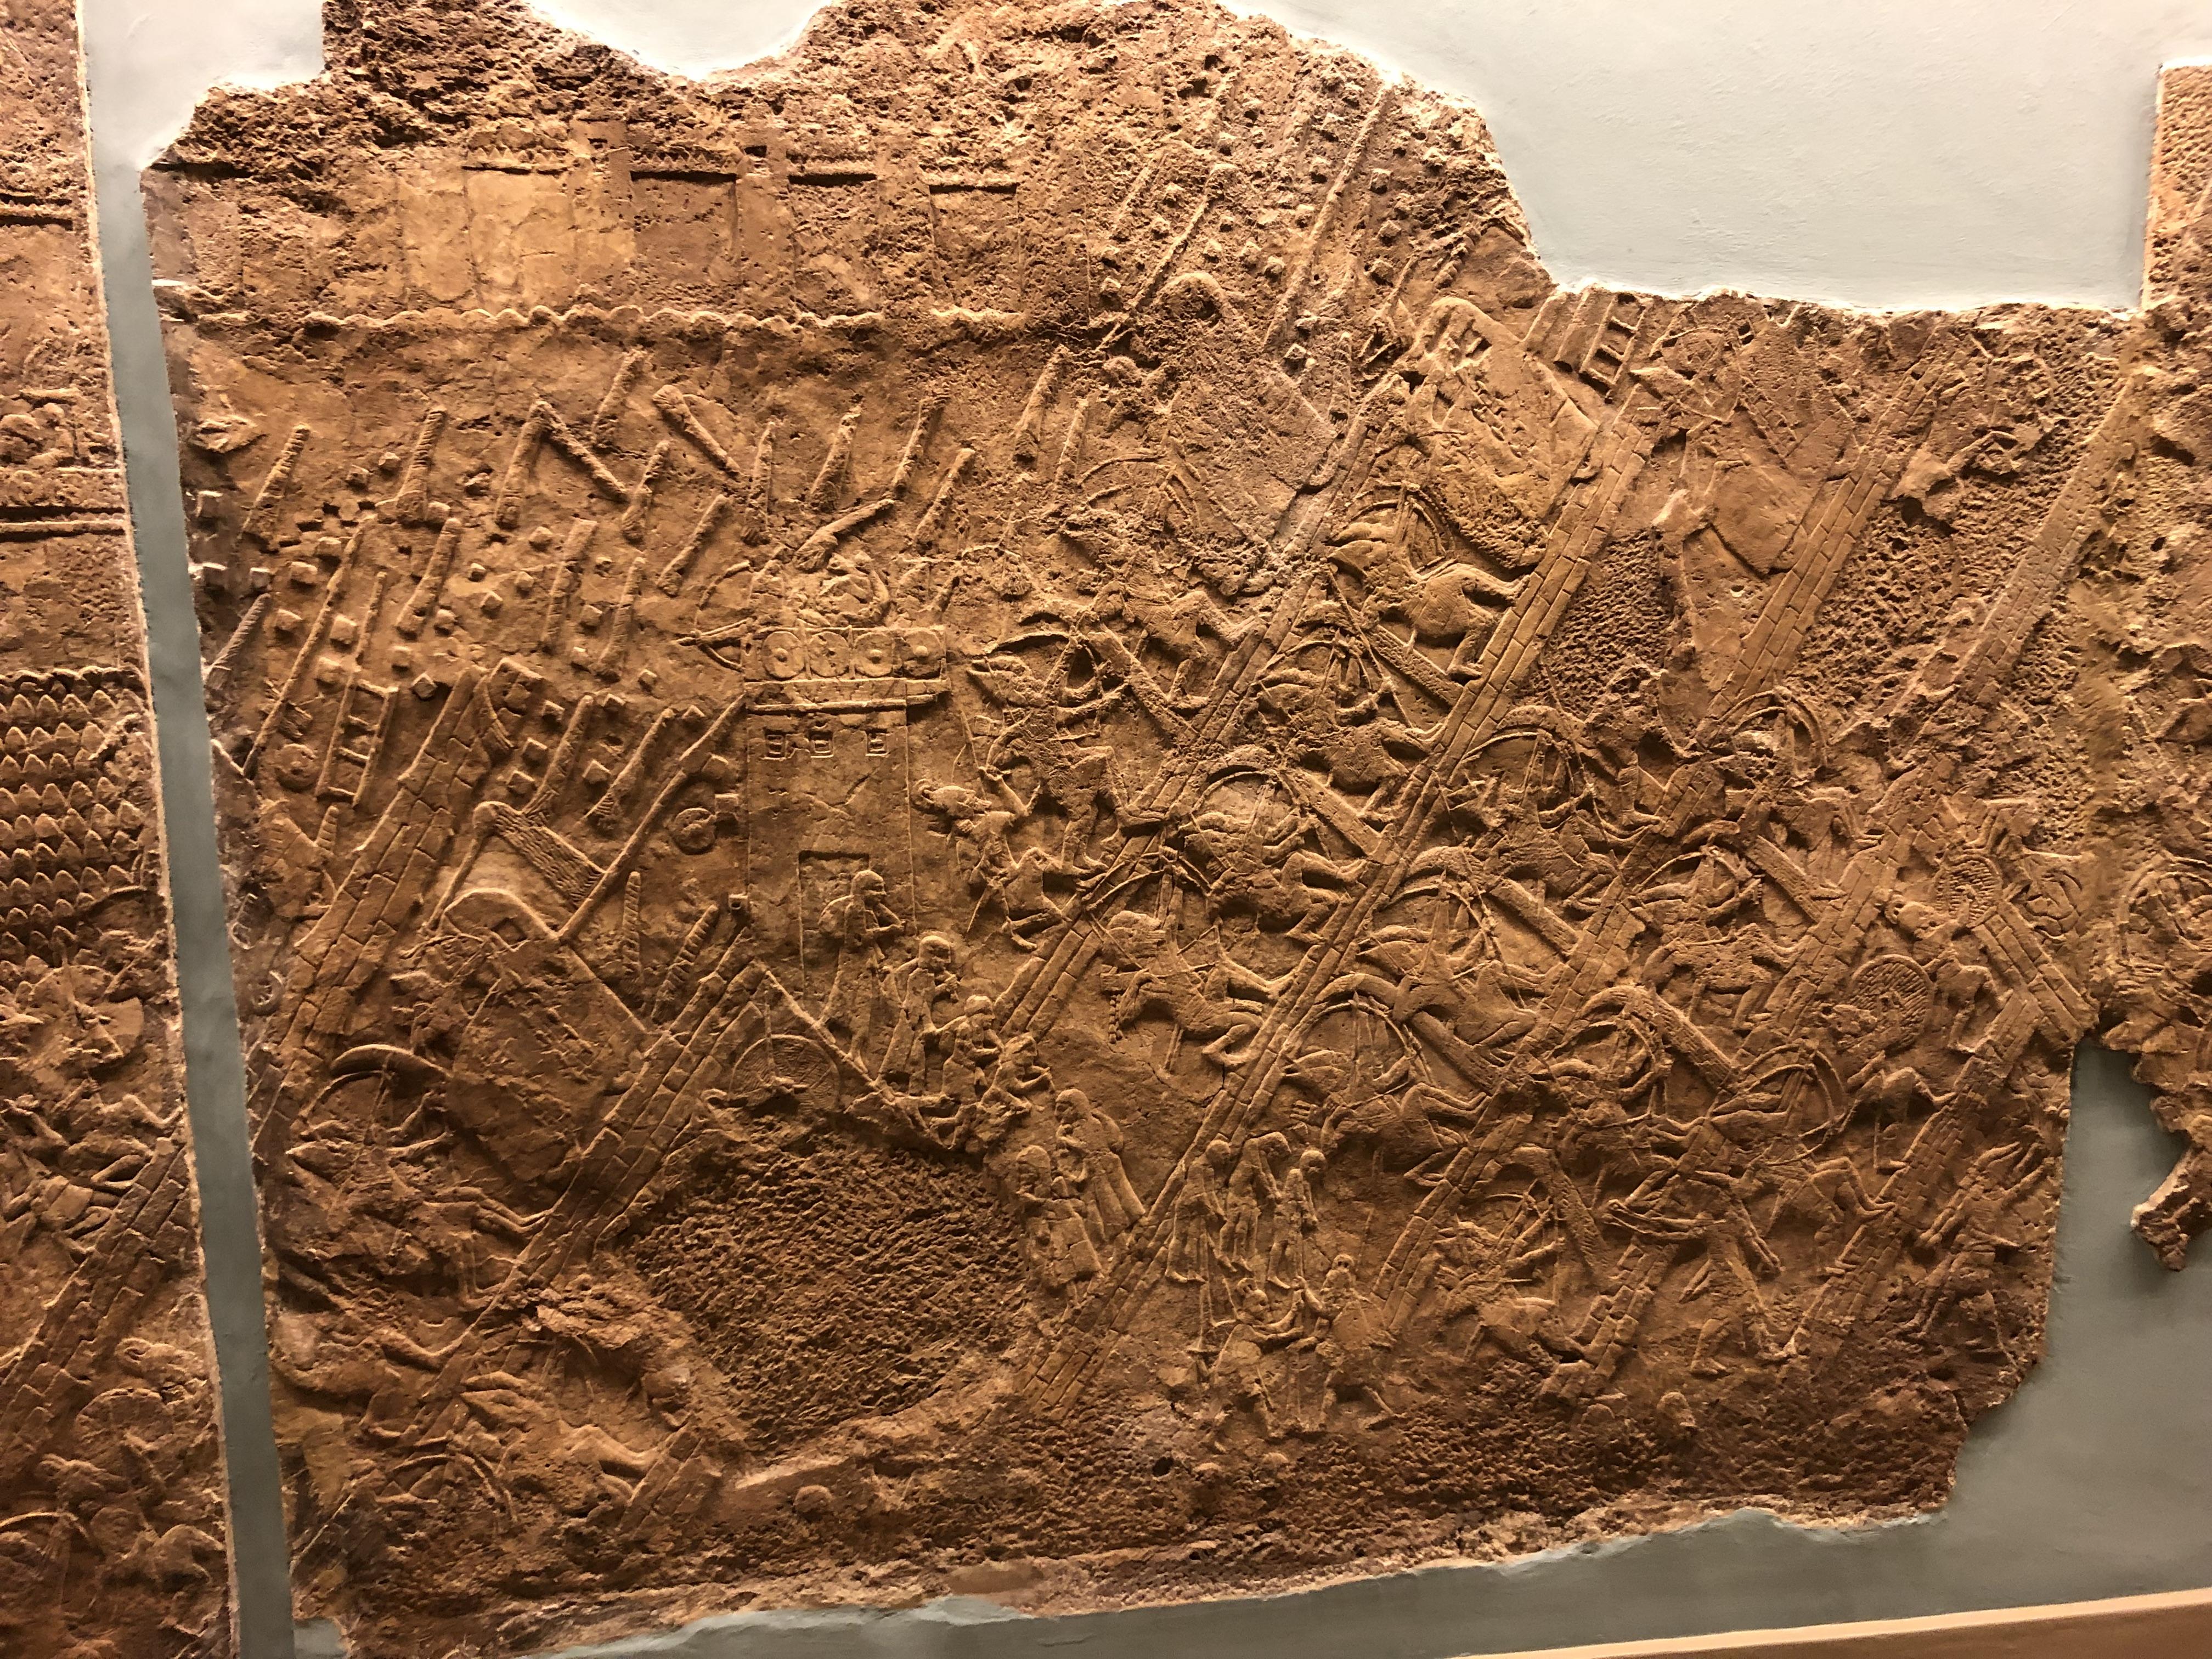 上图:尼尼微出土的拉吉之围(Siege of Lachish)浮雕的一部分。石碑上说希西家的贡物包括宝石、大象的皮革,和希西家亲生的女儿、妃嫔与乐师等,又掳去百姓二十万人。